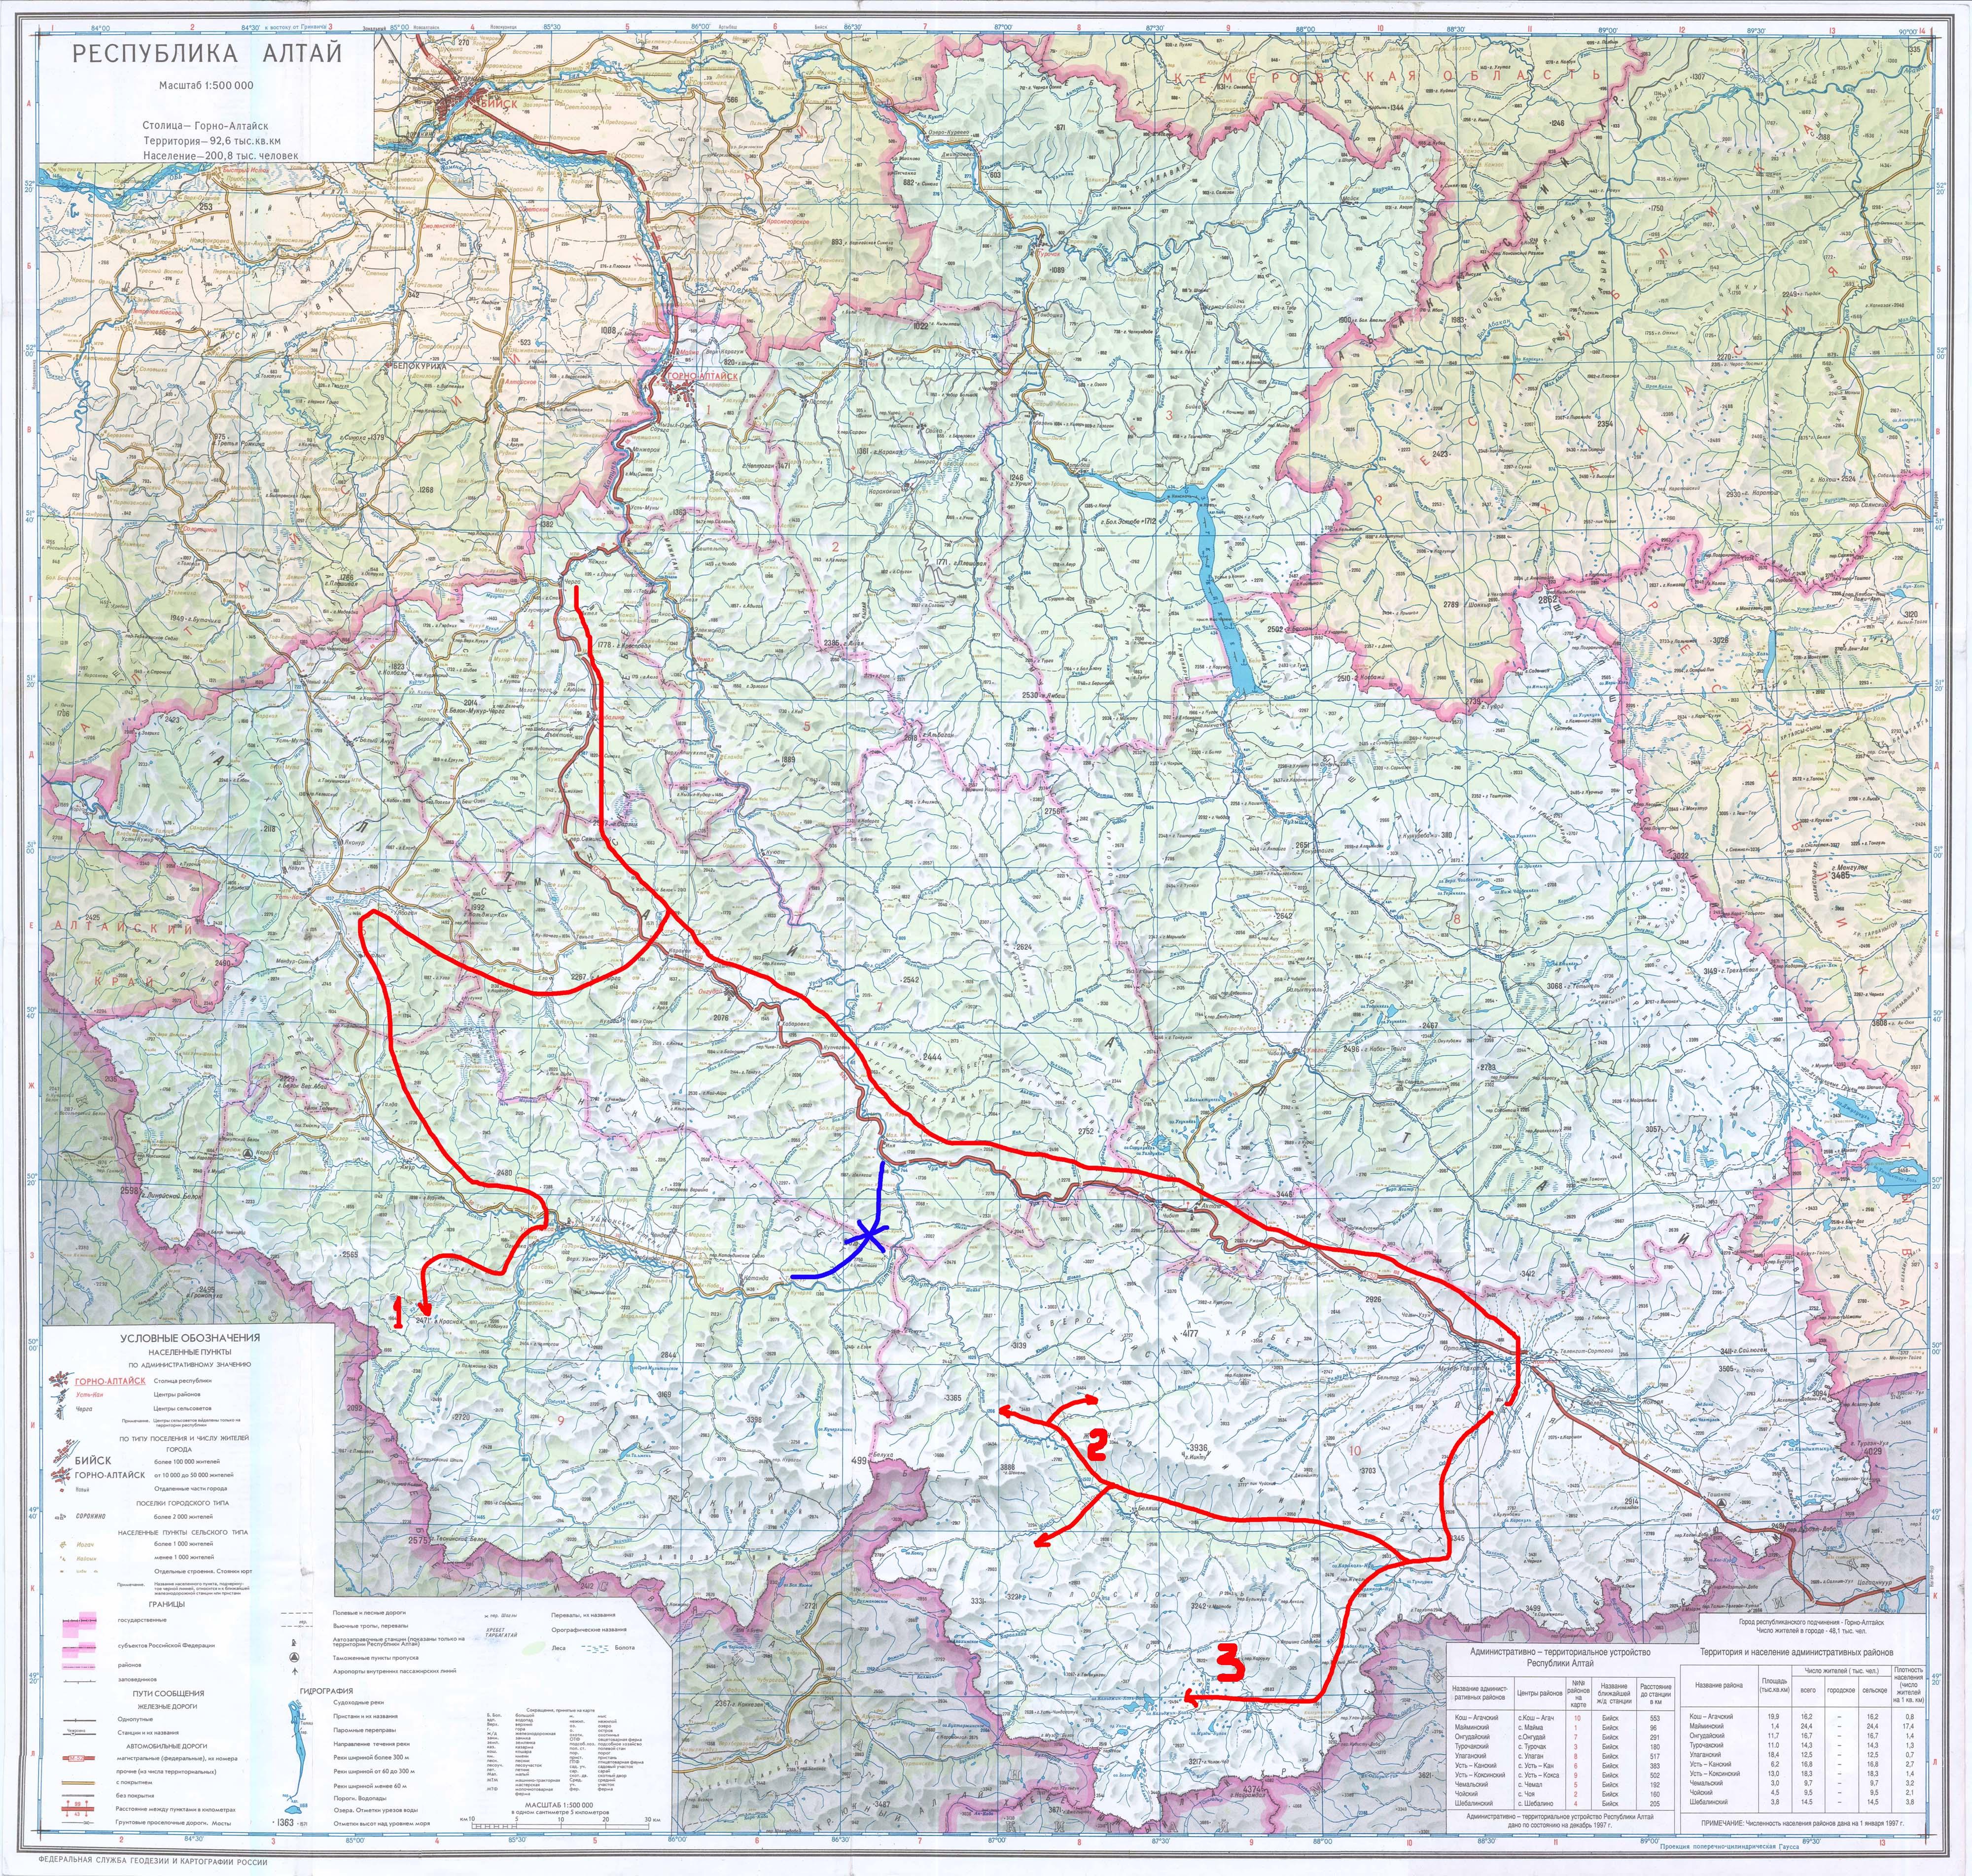 Карта Алтая подробная с дорогами и городами. Республика Алтай